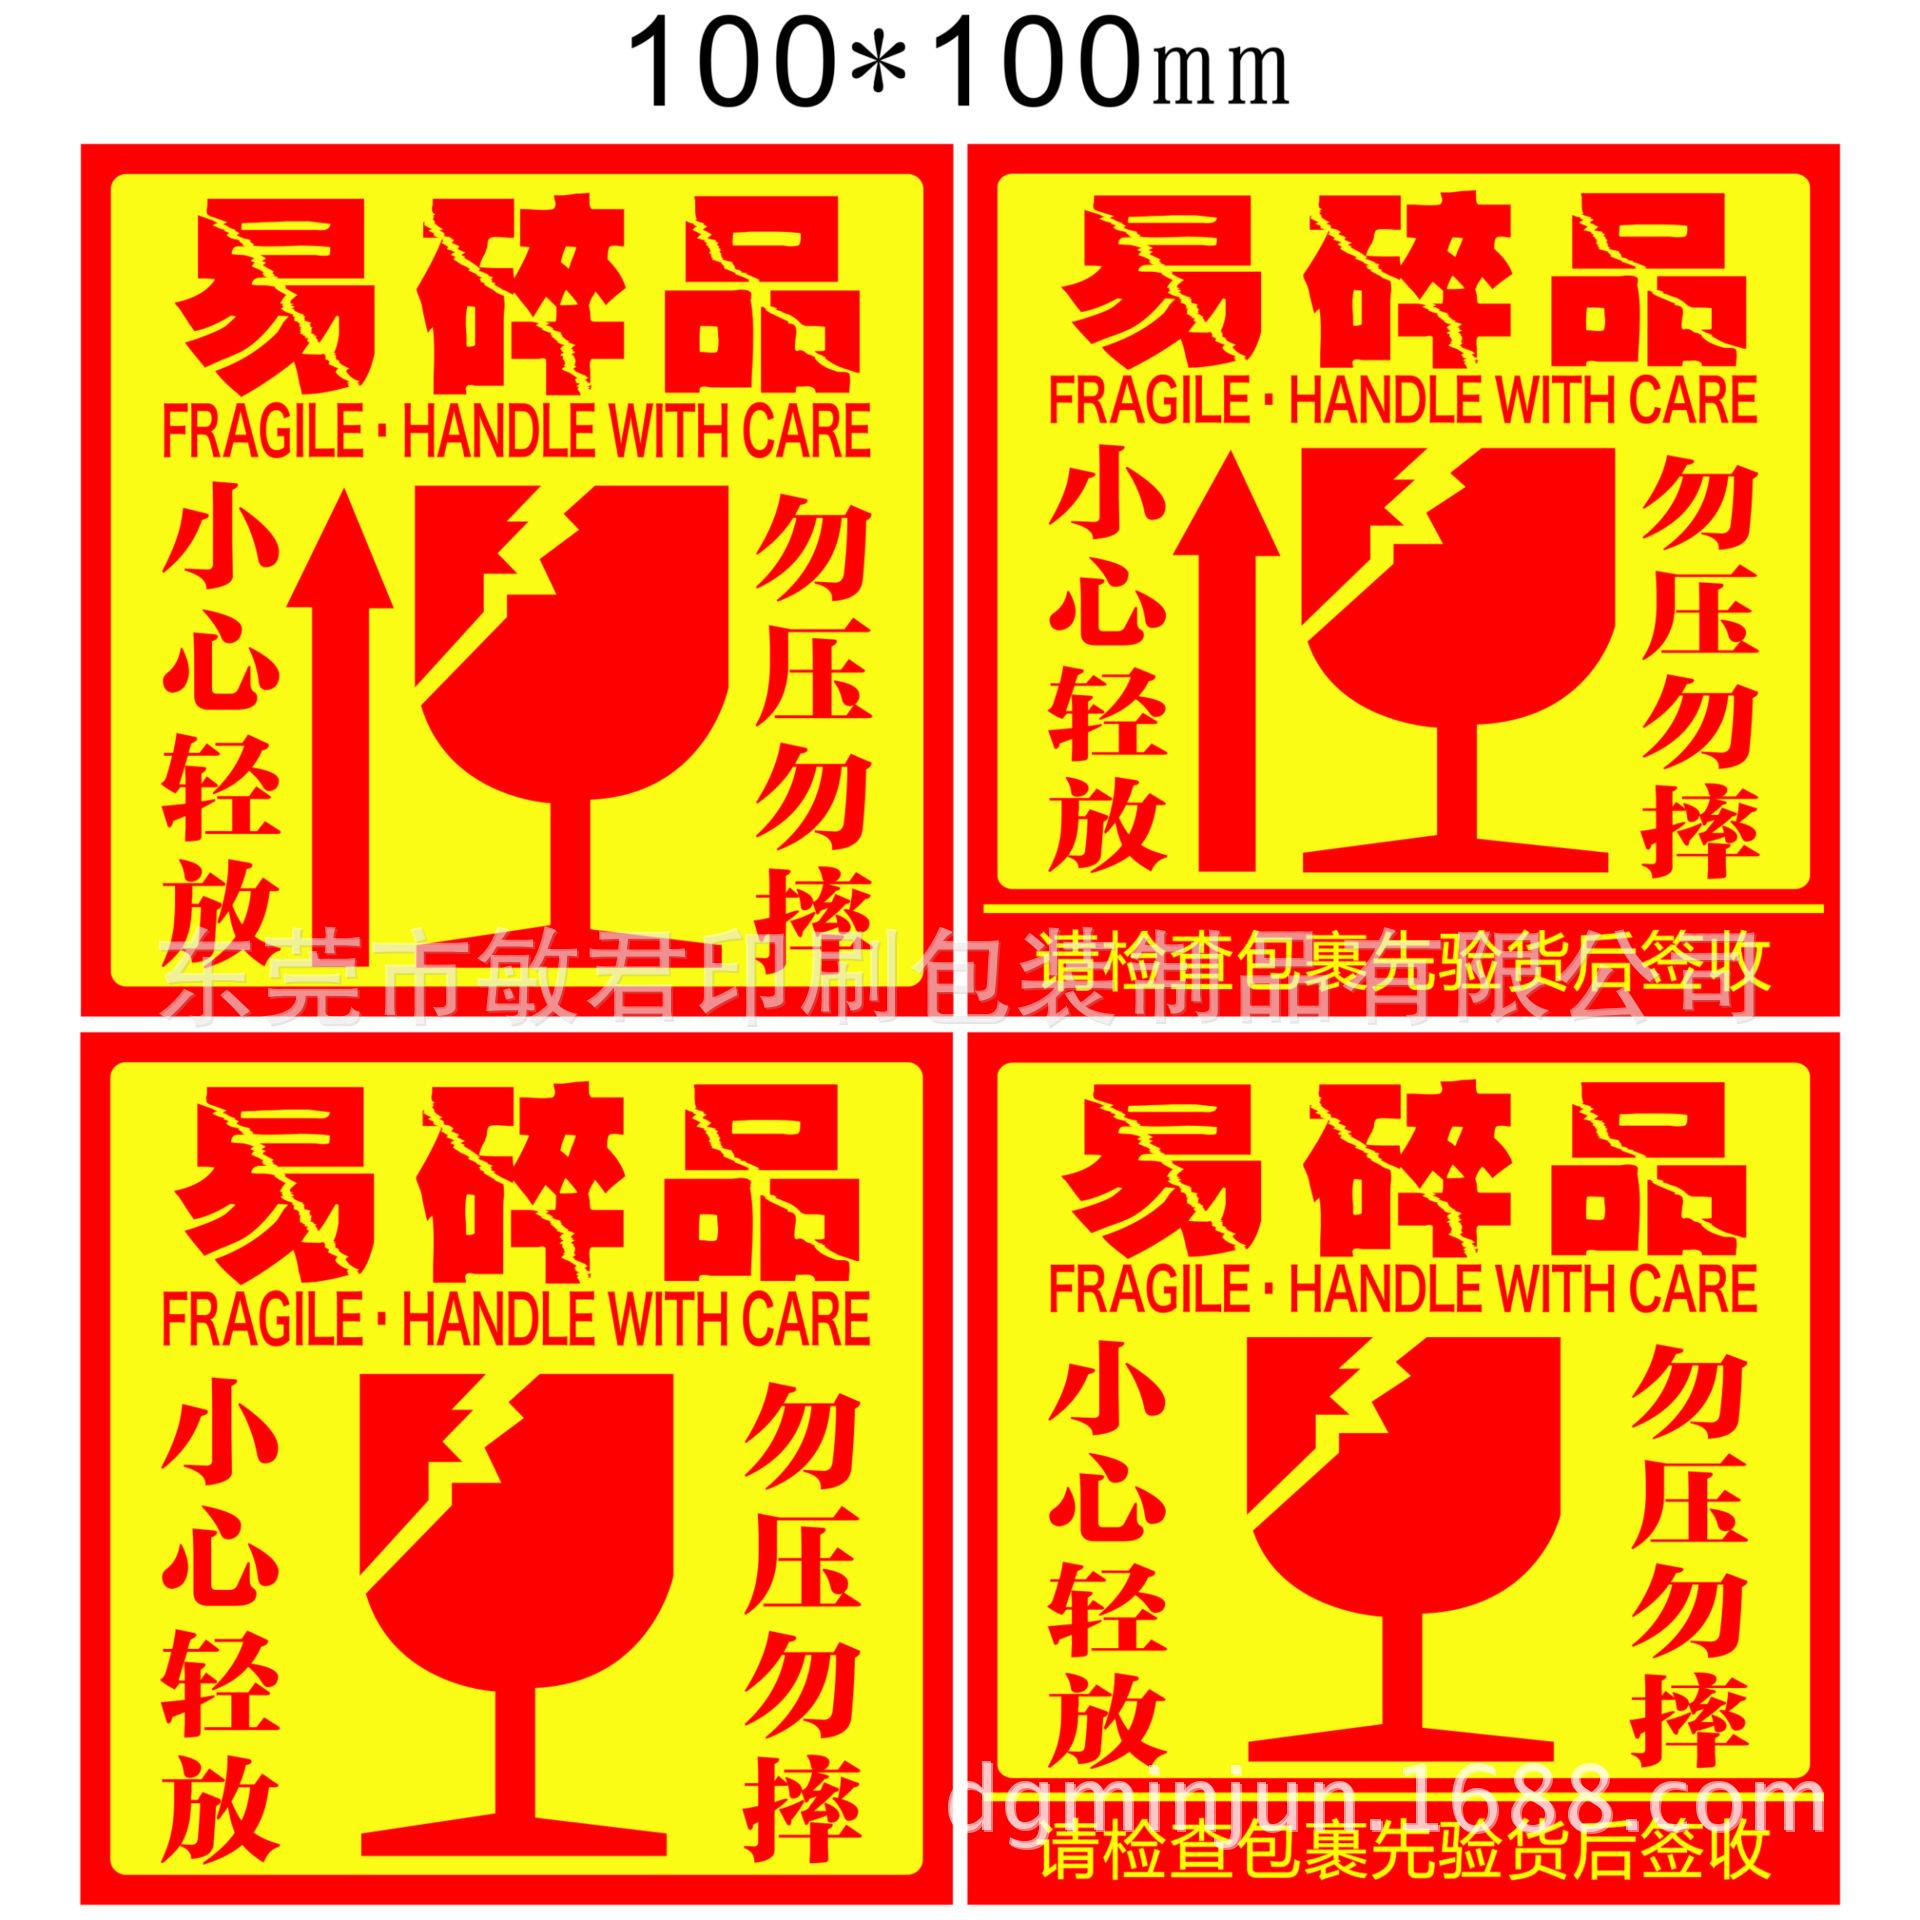 Хрупкий коробка этикетка срочная доставка taobao предупреждение этикетка наклейки хрупкий продукт не клей стандарт хрупкий наклейки сделанный на заказ